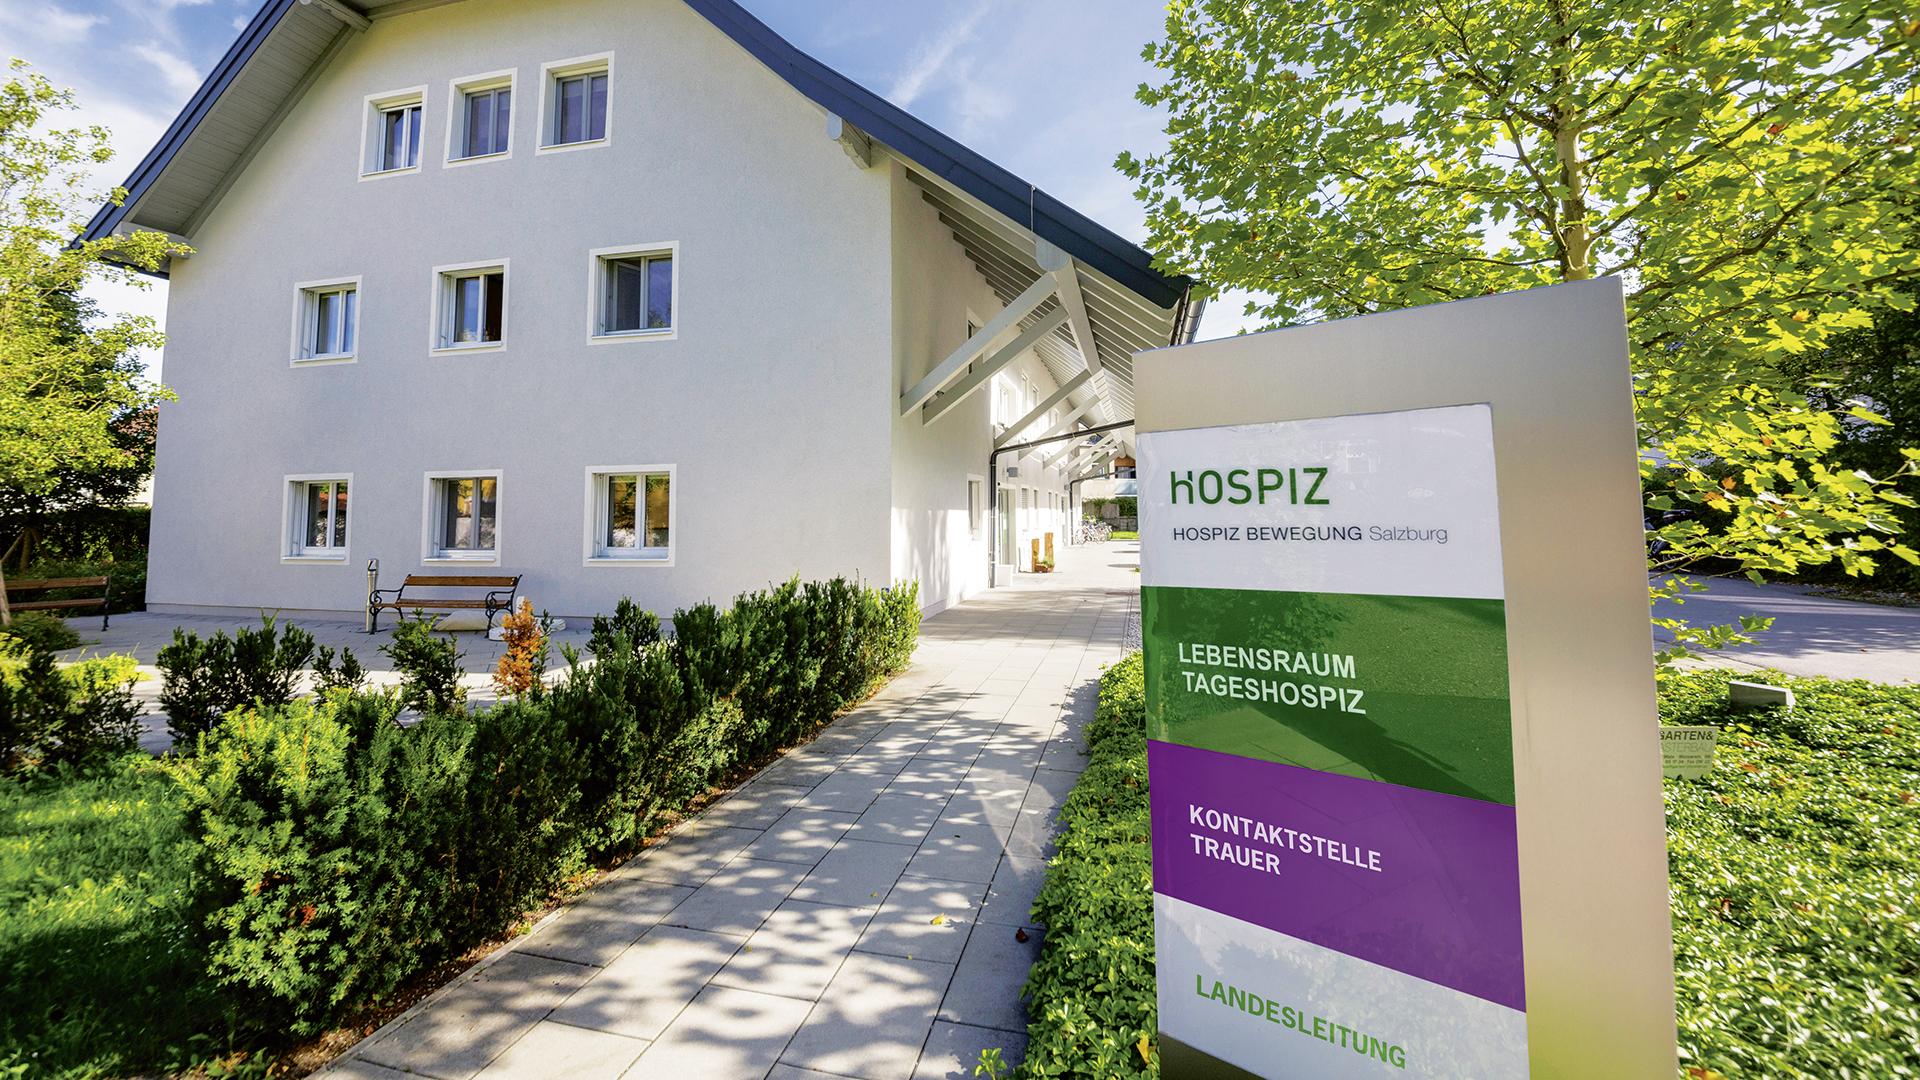 scheuer | agentur für dialog – Hospiz-Bewegung Salzburg